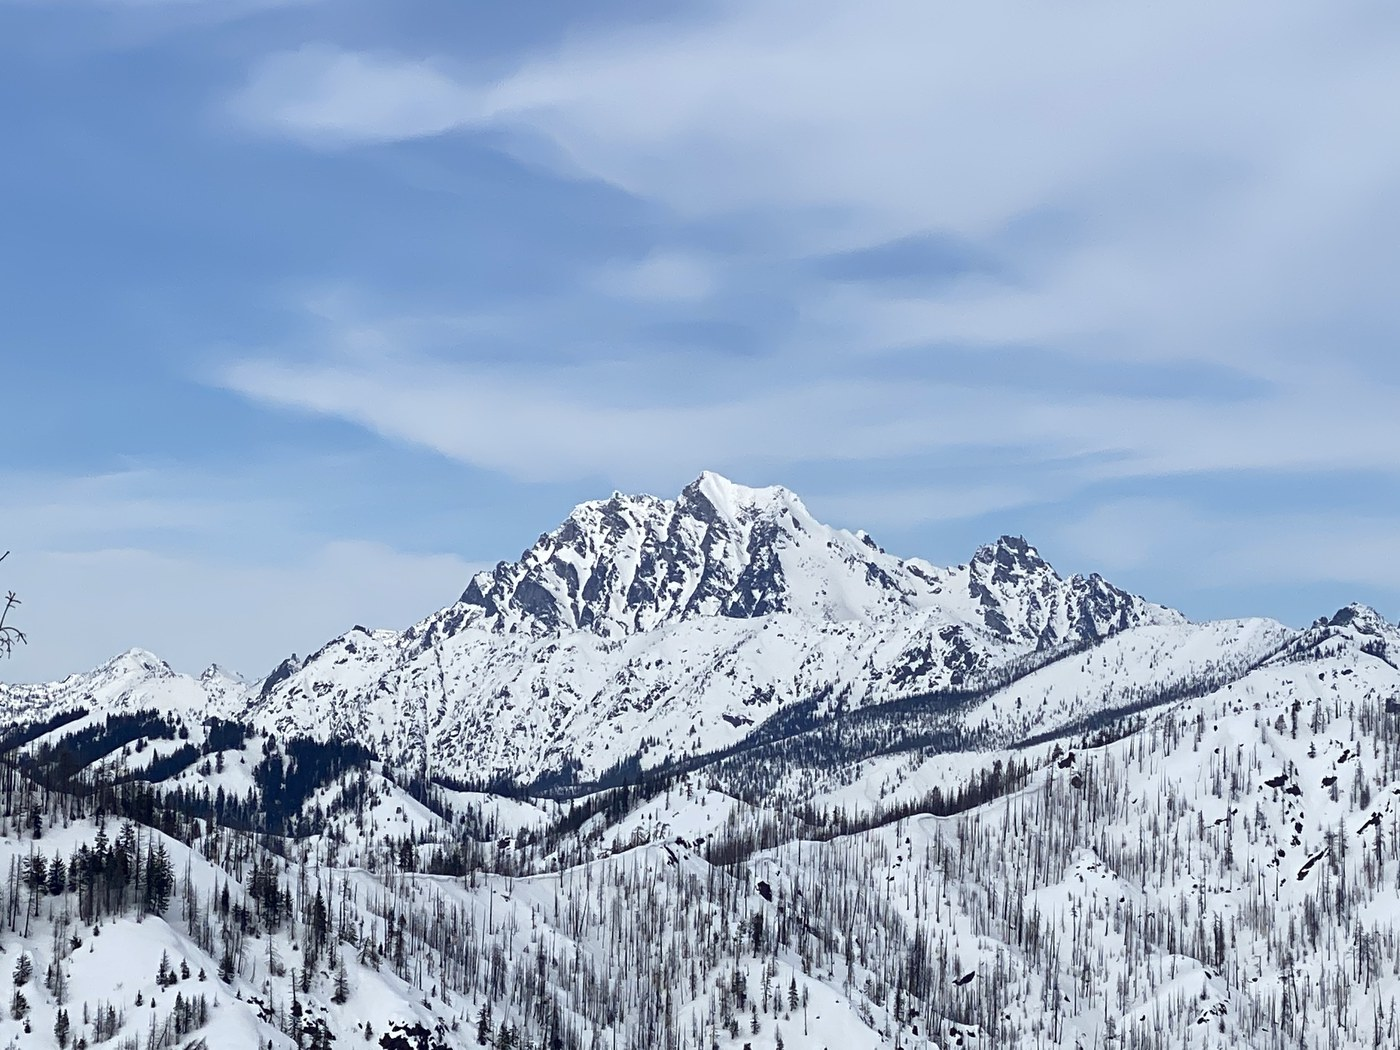 Snowshoers near Teanaway Butte. Photo by Cascade Dreams.